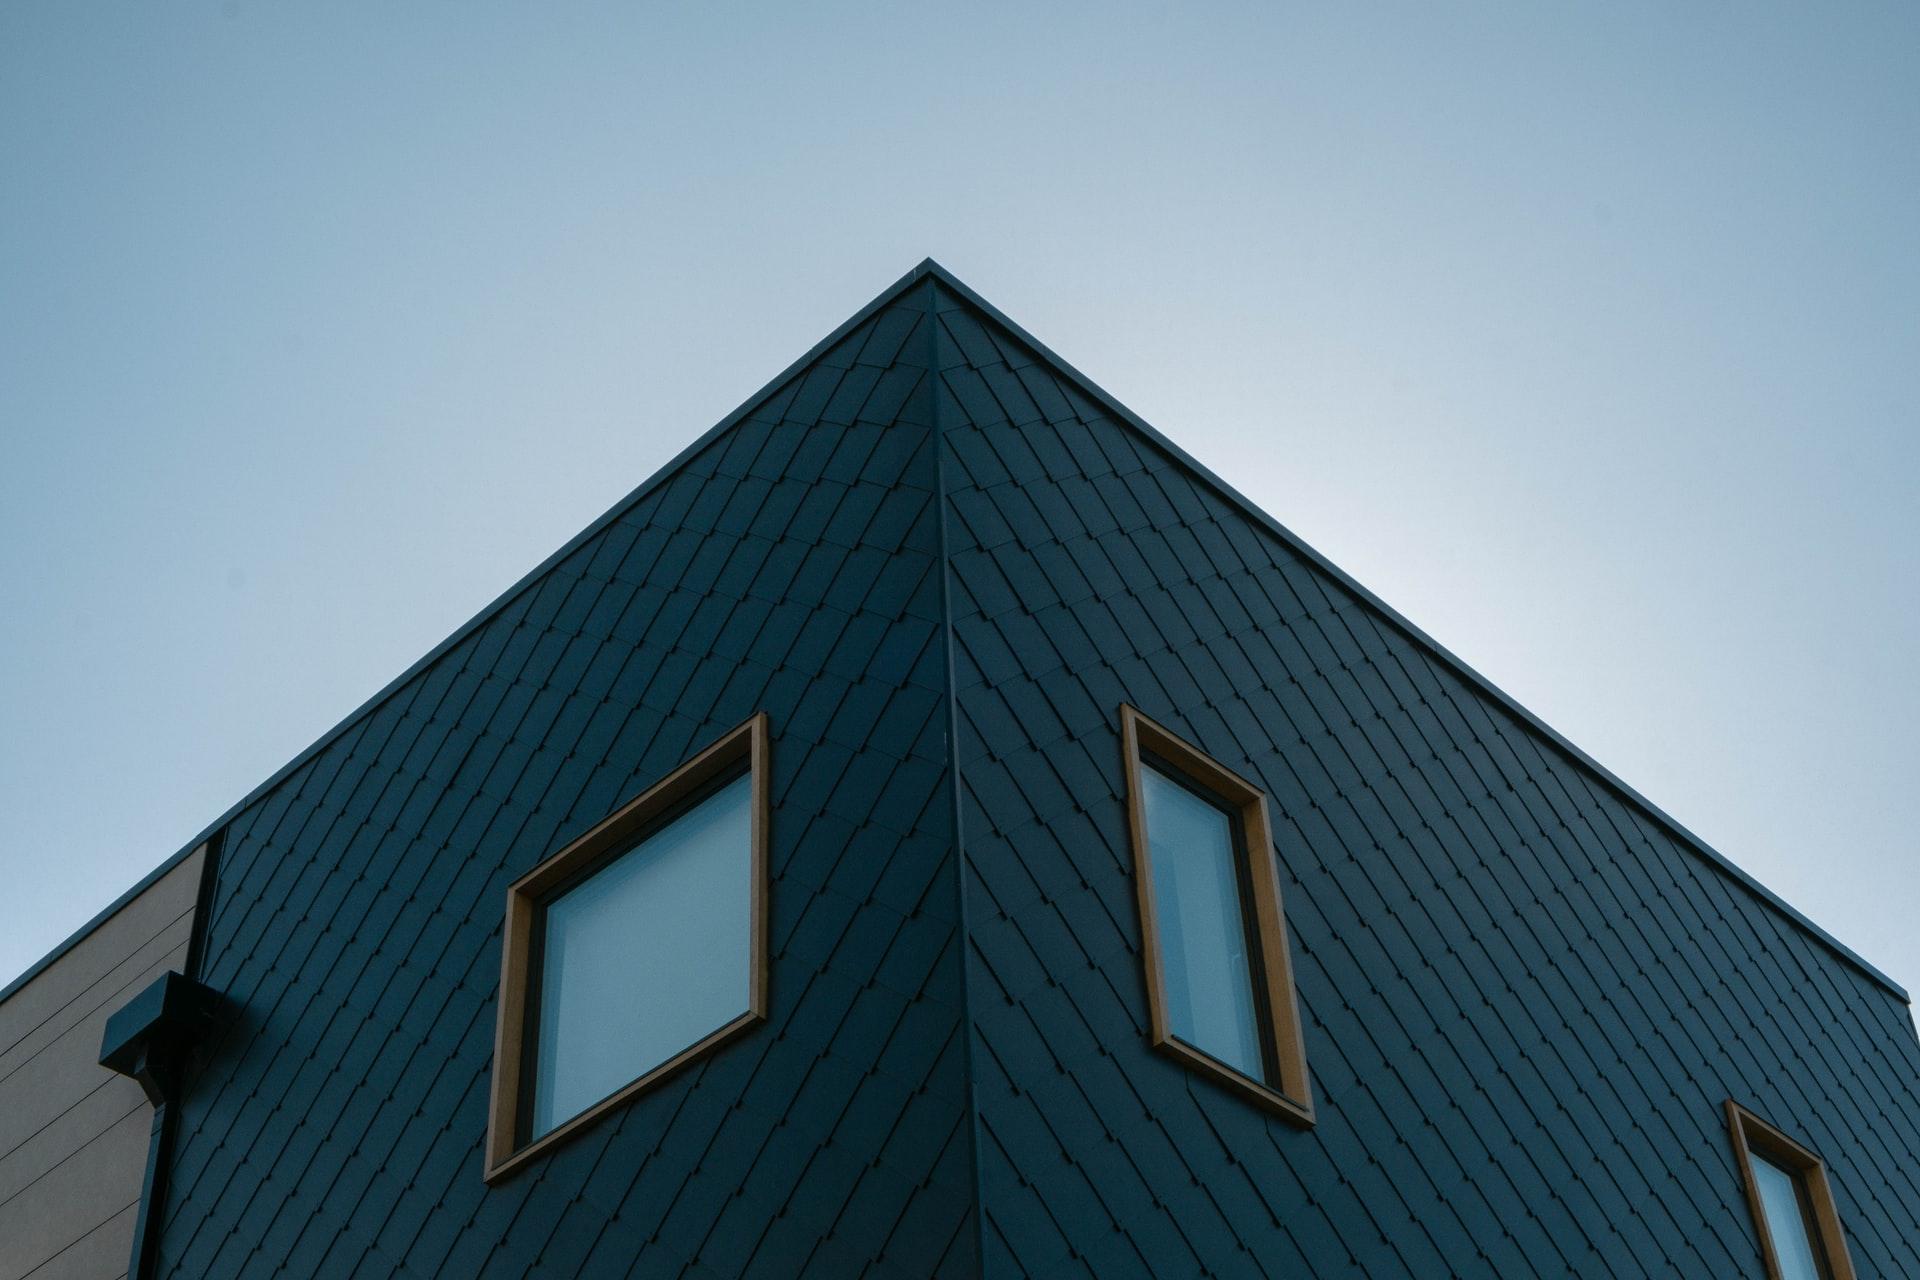 Na besplatnom stručnom webinaru saznajte sve o zelenim održivim rješenjima za zidove, krovove i druge površine